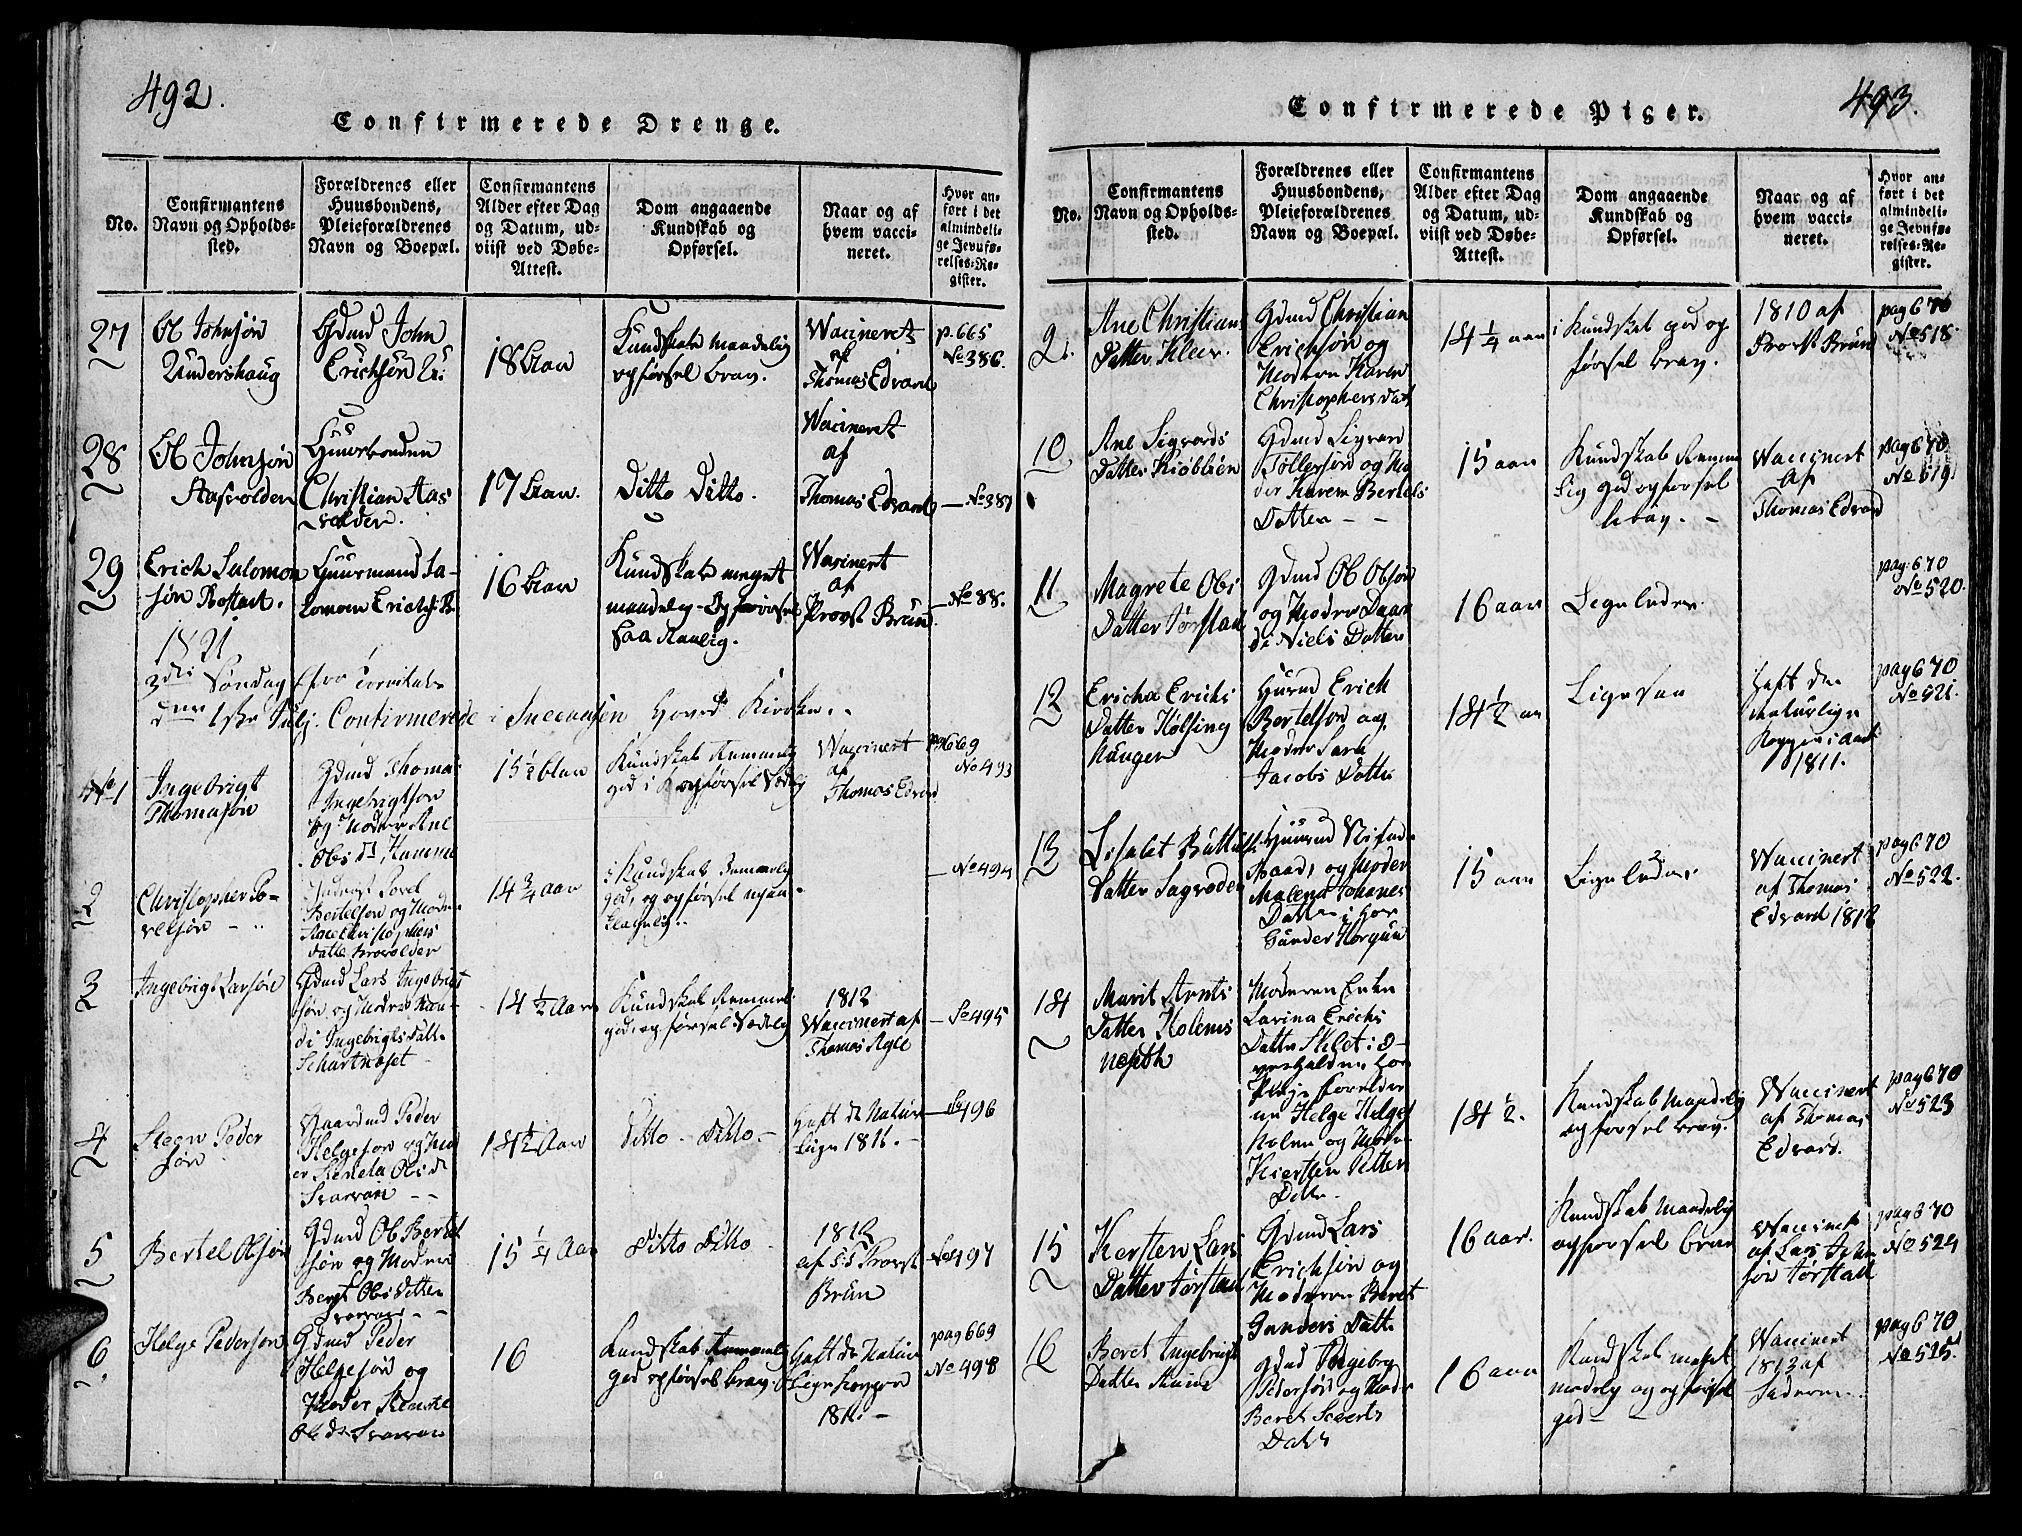 SAT, Ministerialprotokoller, klokkerbøker og fødselsregistre - Nord-Trøndelag, 749/L0479: Klokkerbok nr. 749C01, 1817-1829, s. 492-493